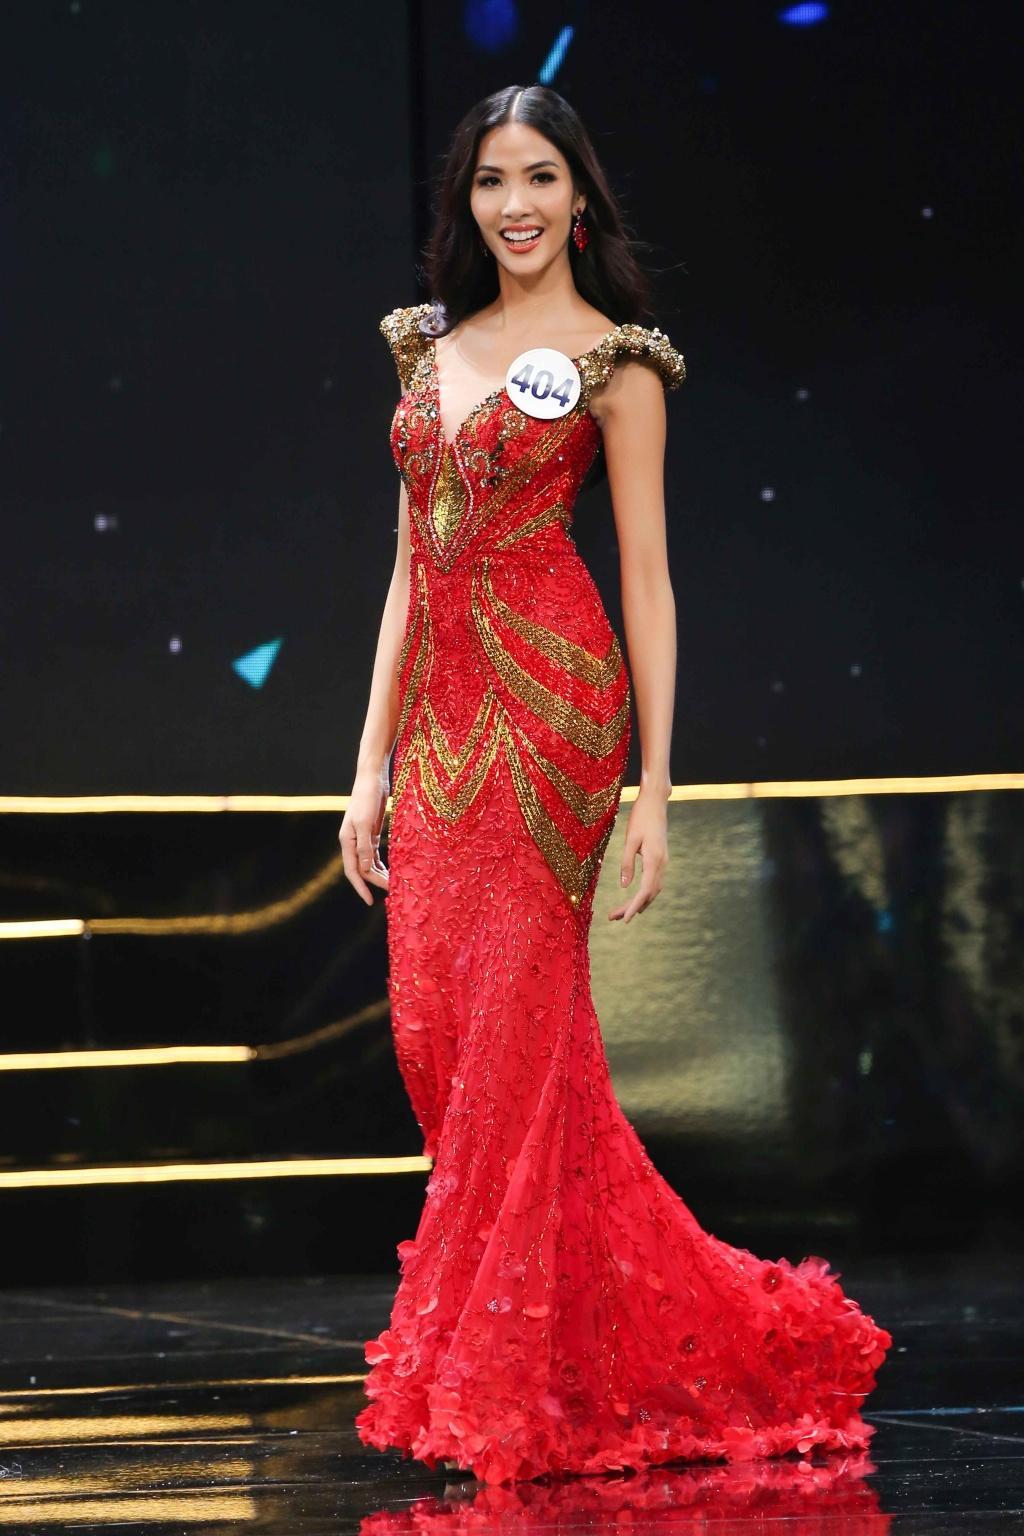 Lượng vote của Hoàng Thùy gấp 20 lần Mâu Thủy tại Hoa hậu Hoàn vũ Việt Nam 2017-5